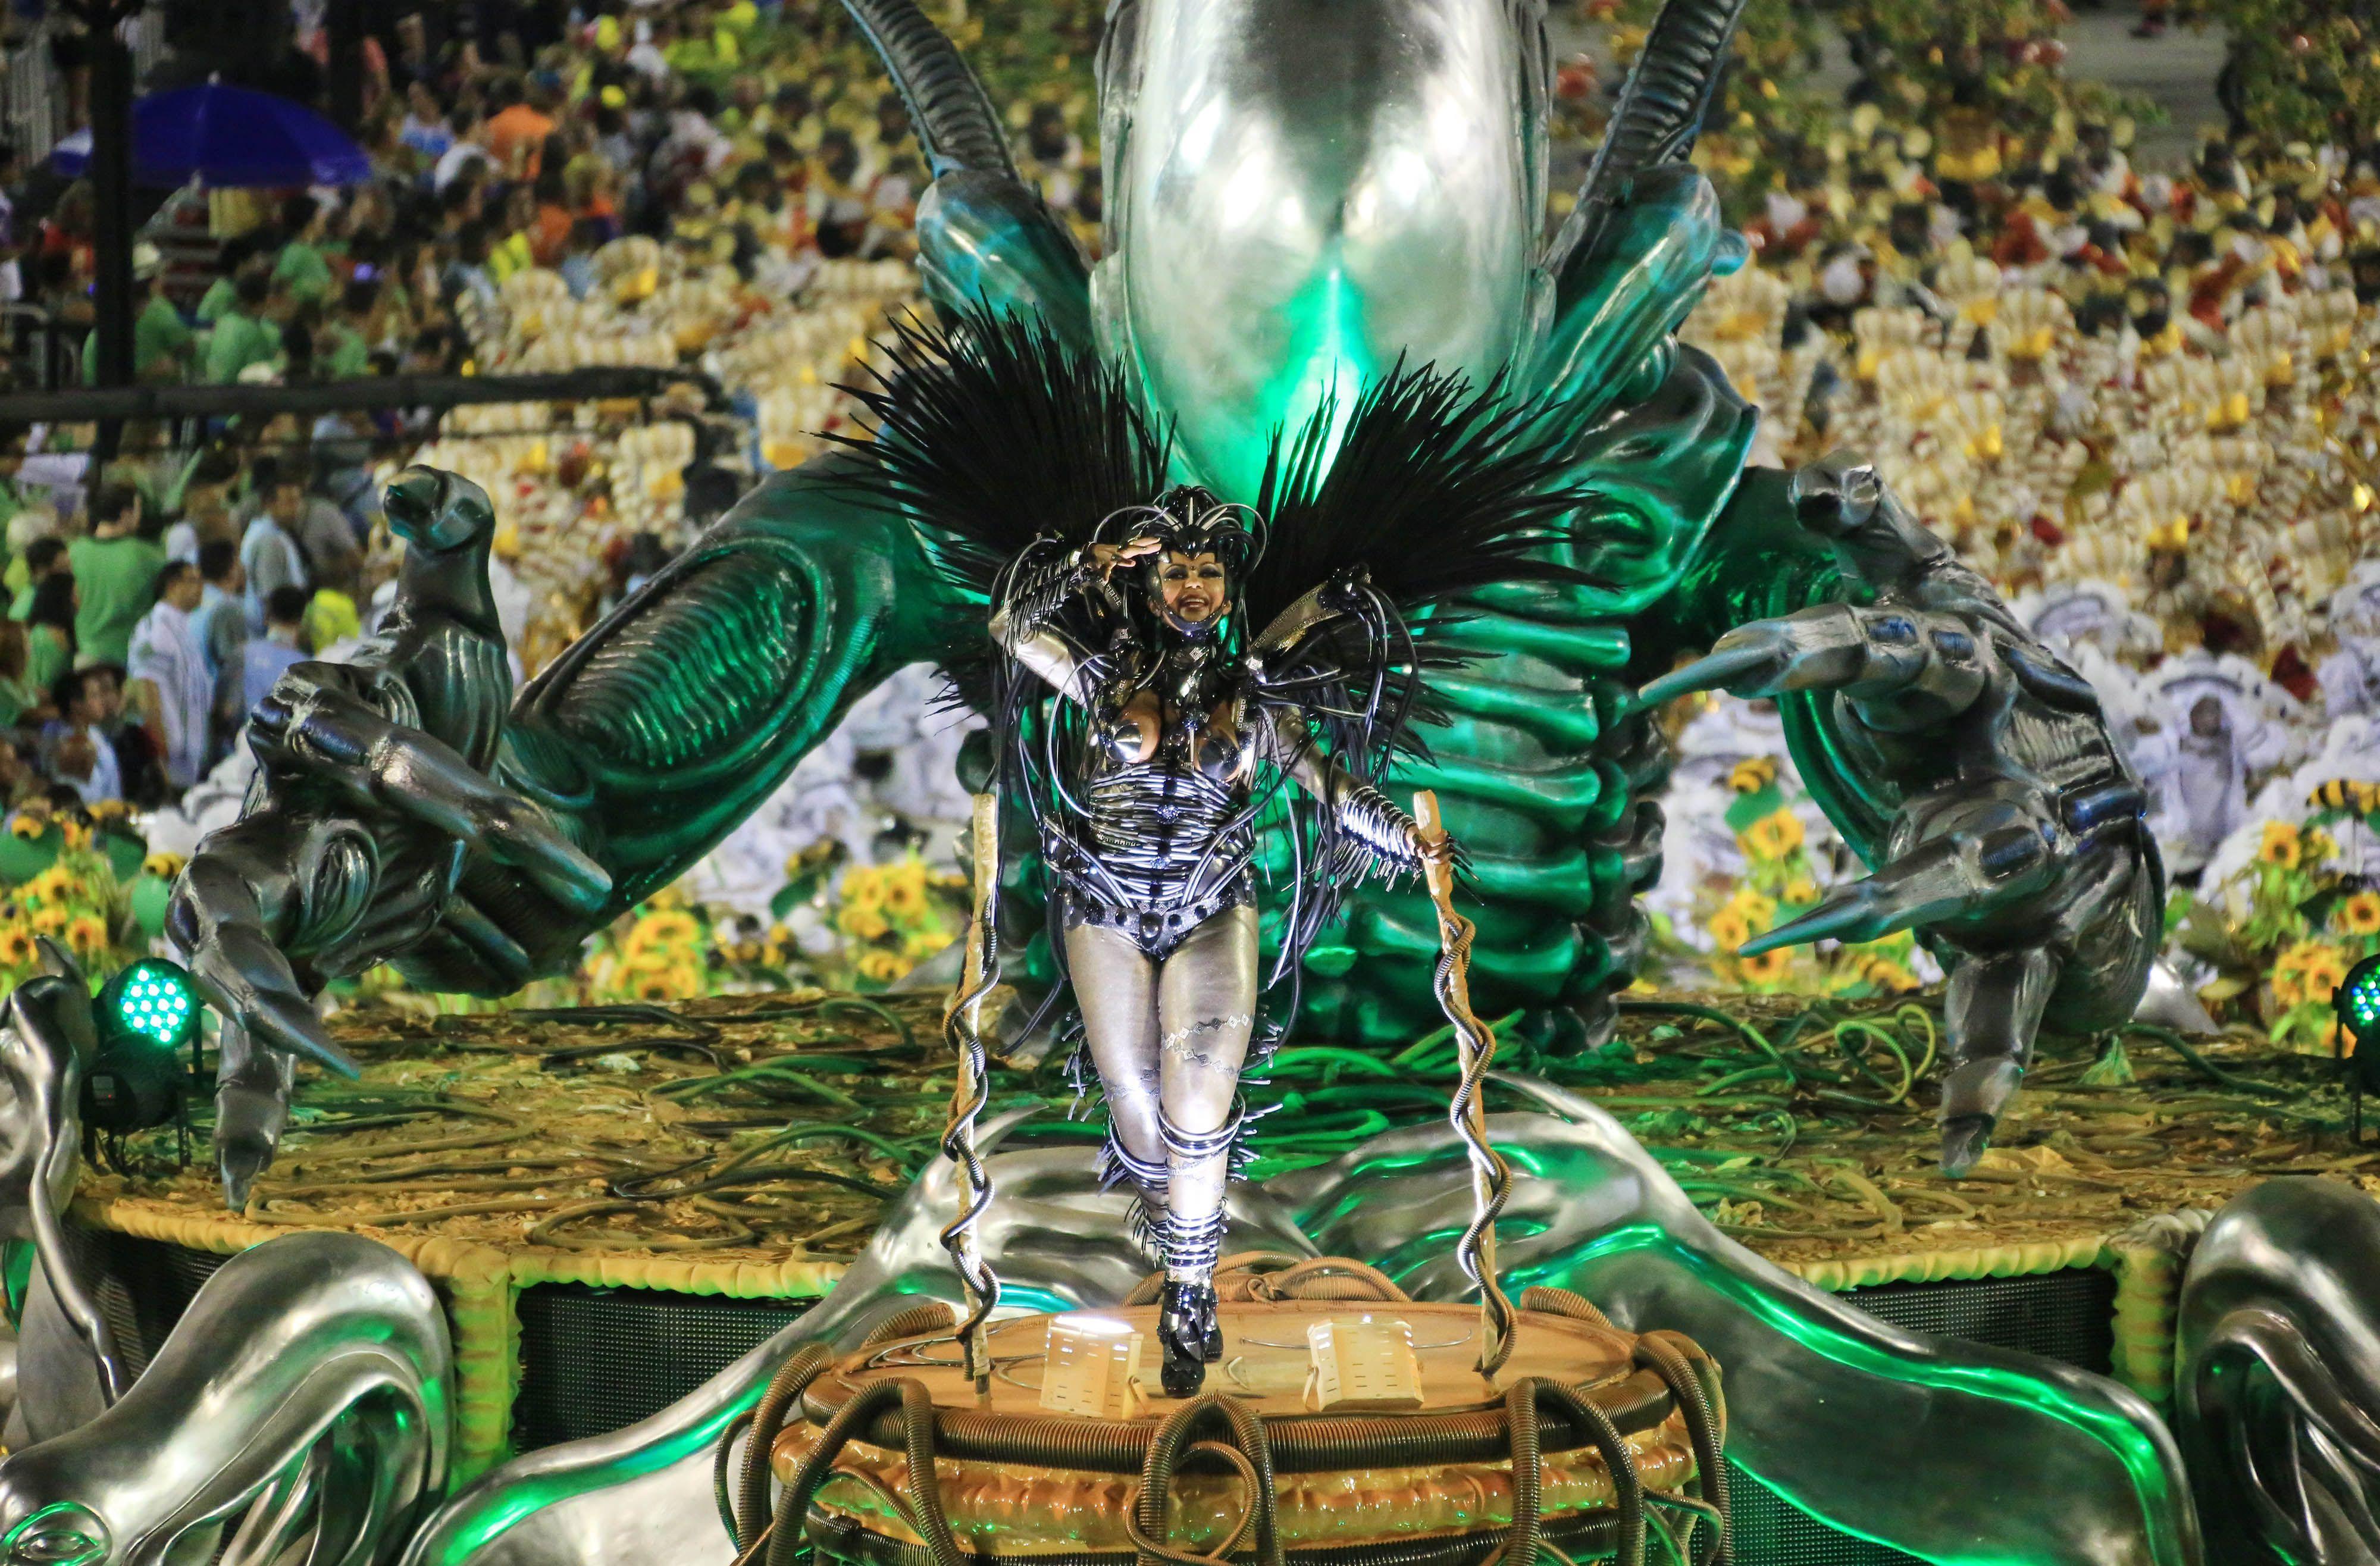 Rio de Janeiro Carnival